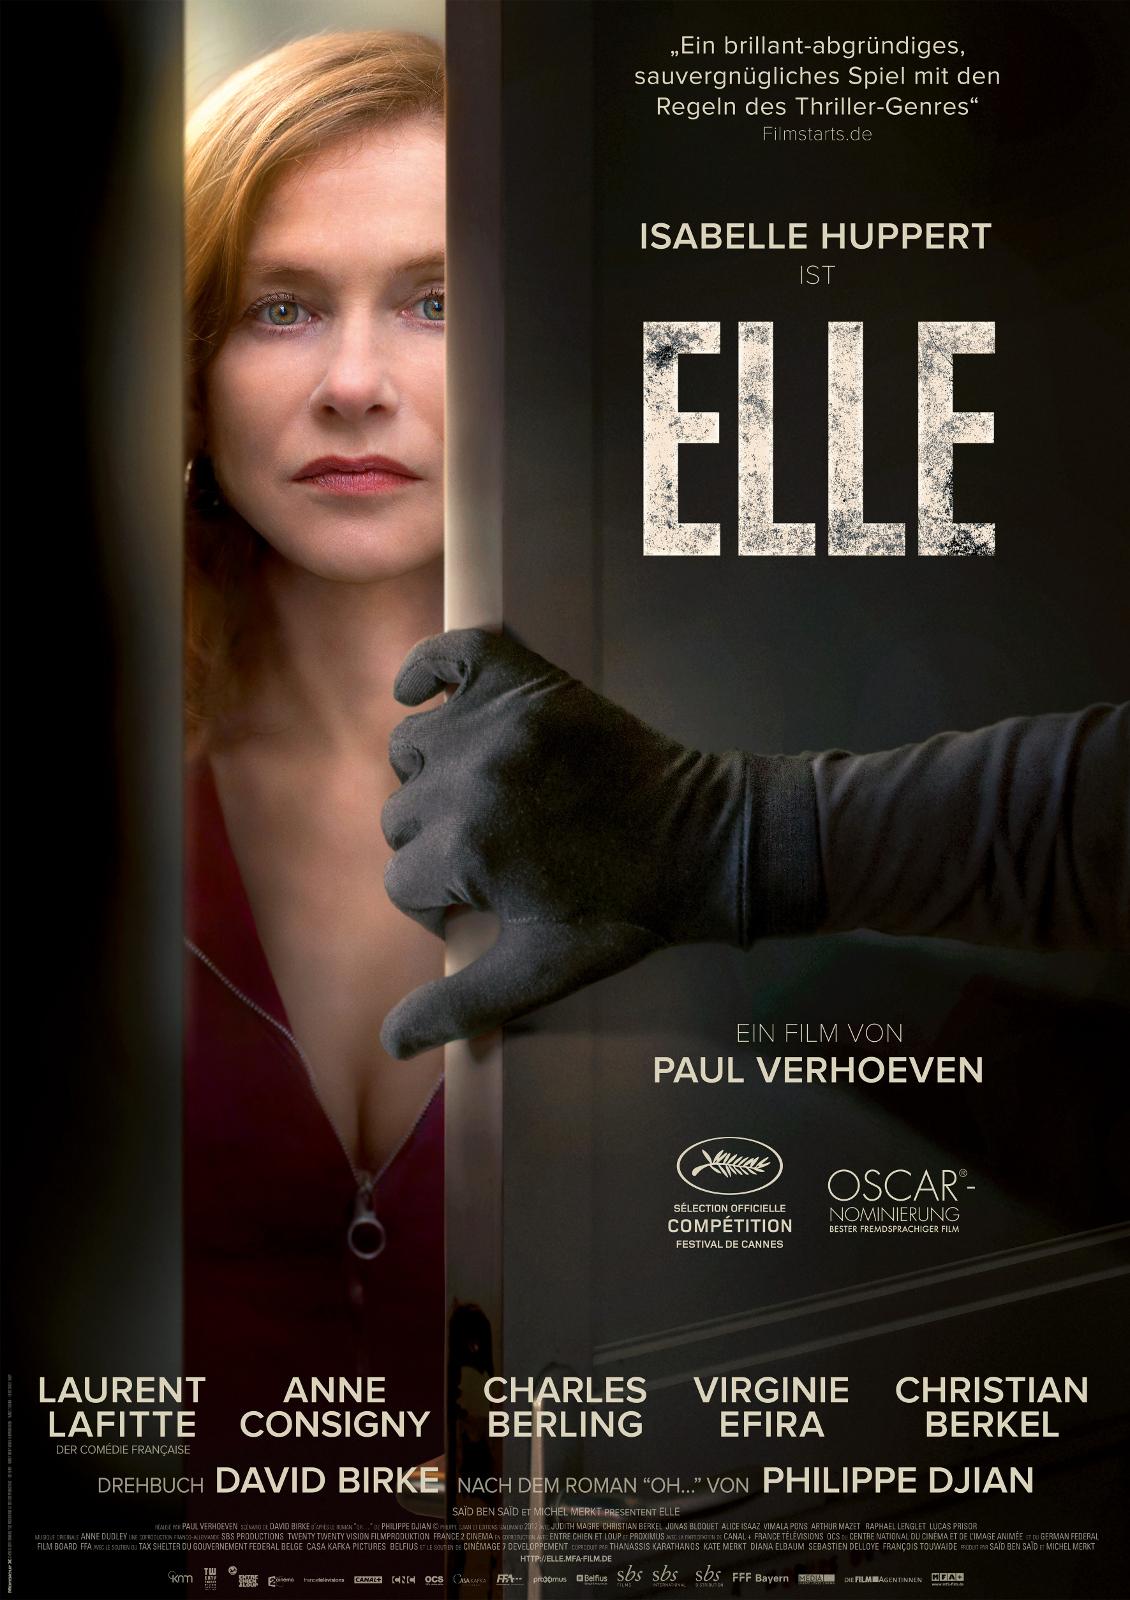 Elle - Die Filmstarts-Kritik auf FILMSTARTS.de